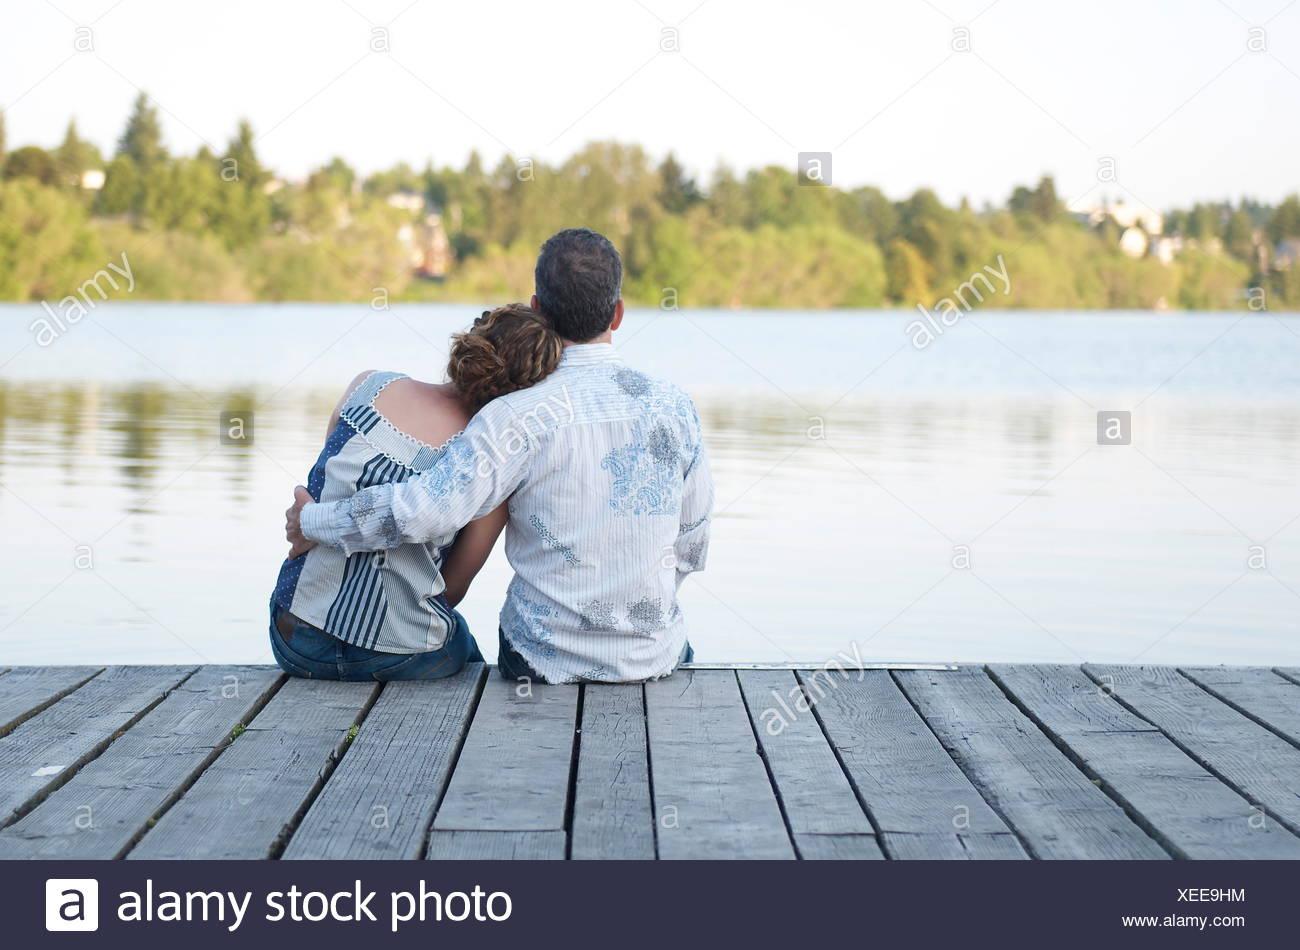 Vista posteriore di un giovane seduto su di un molo in legno abbracciando Immagini Stock